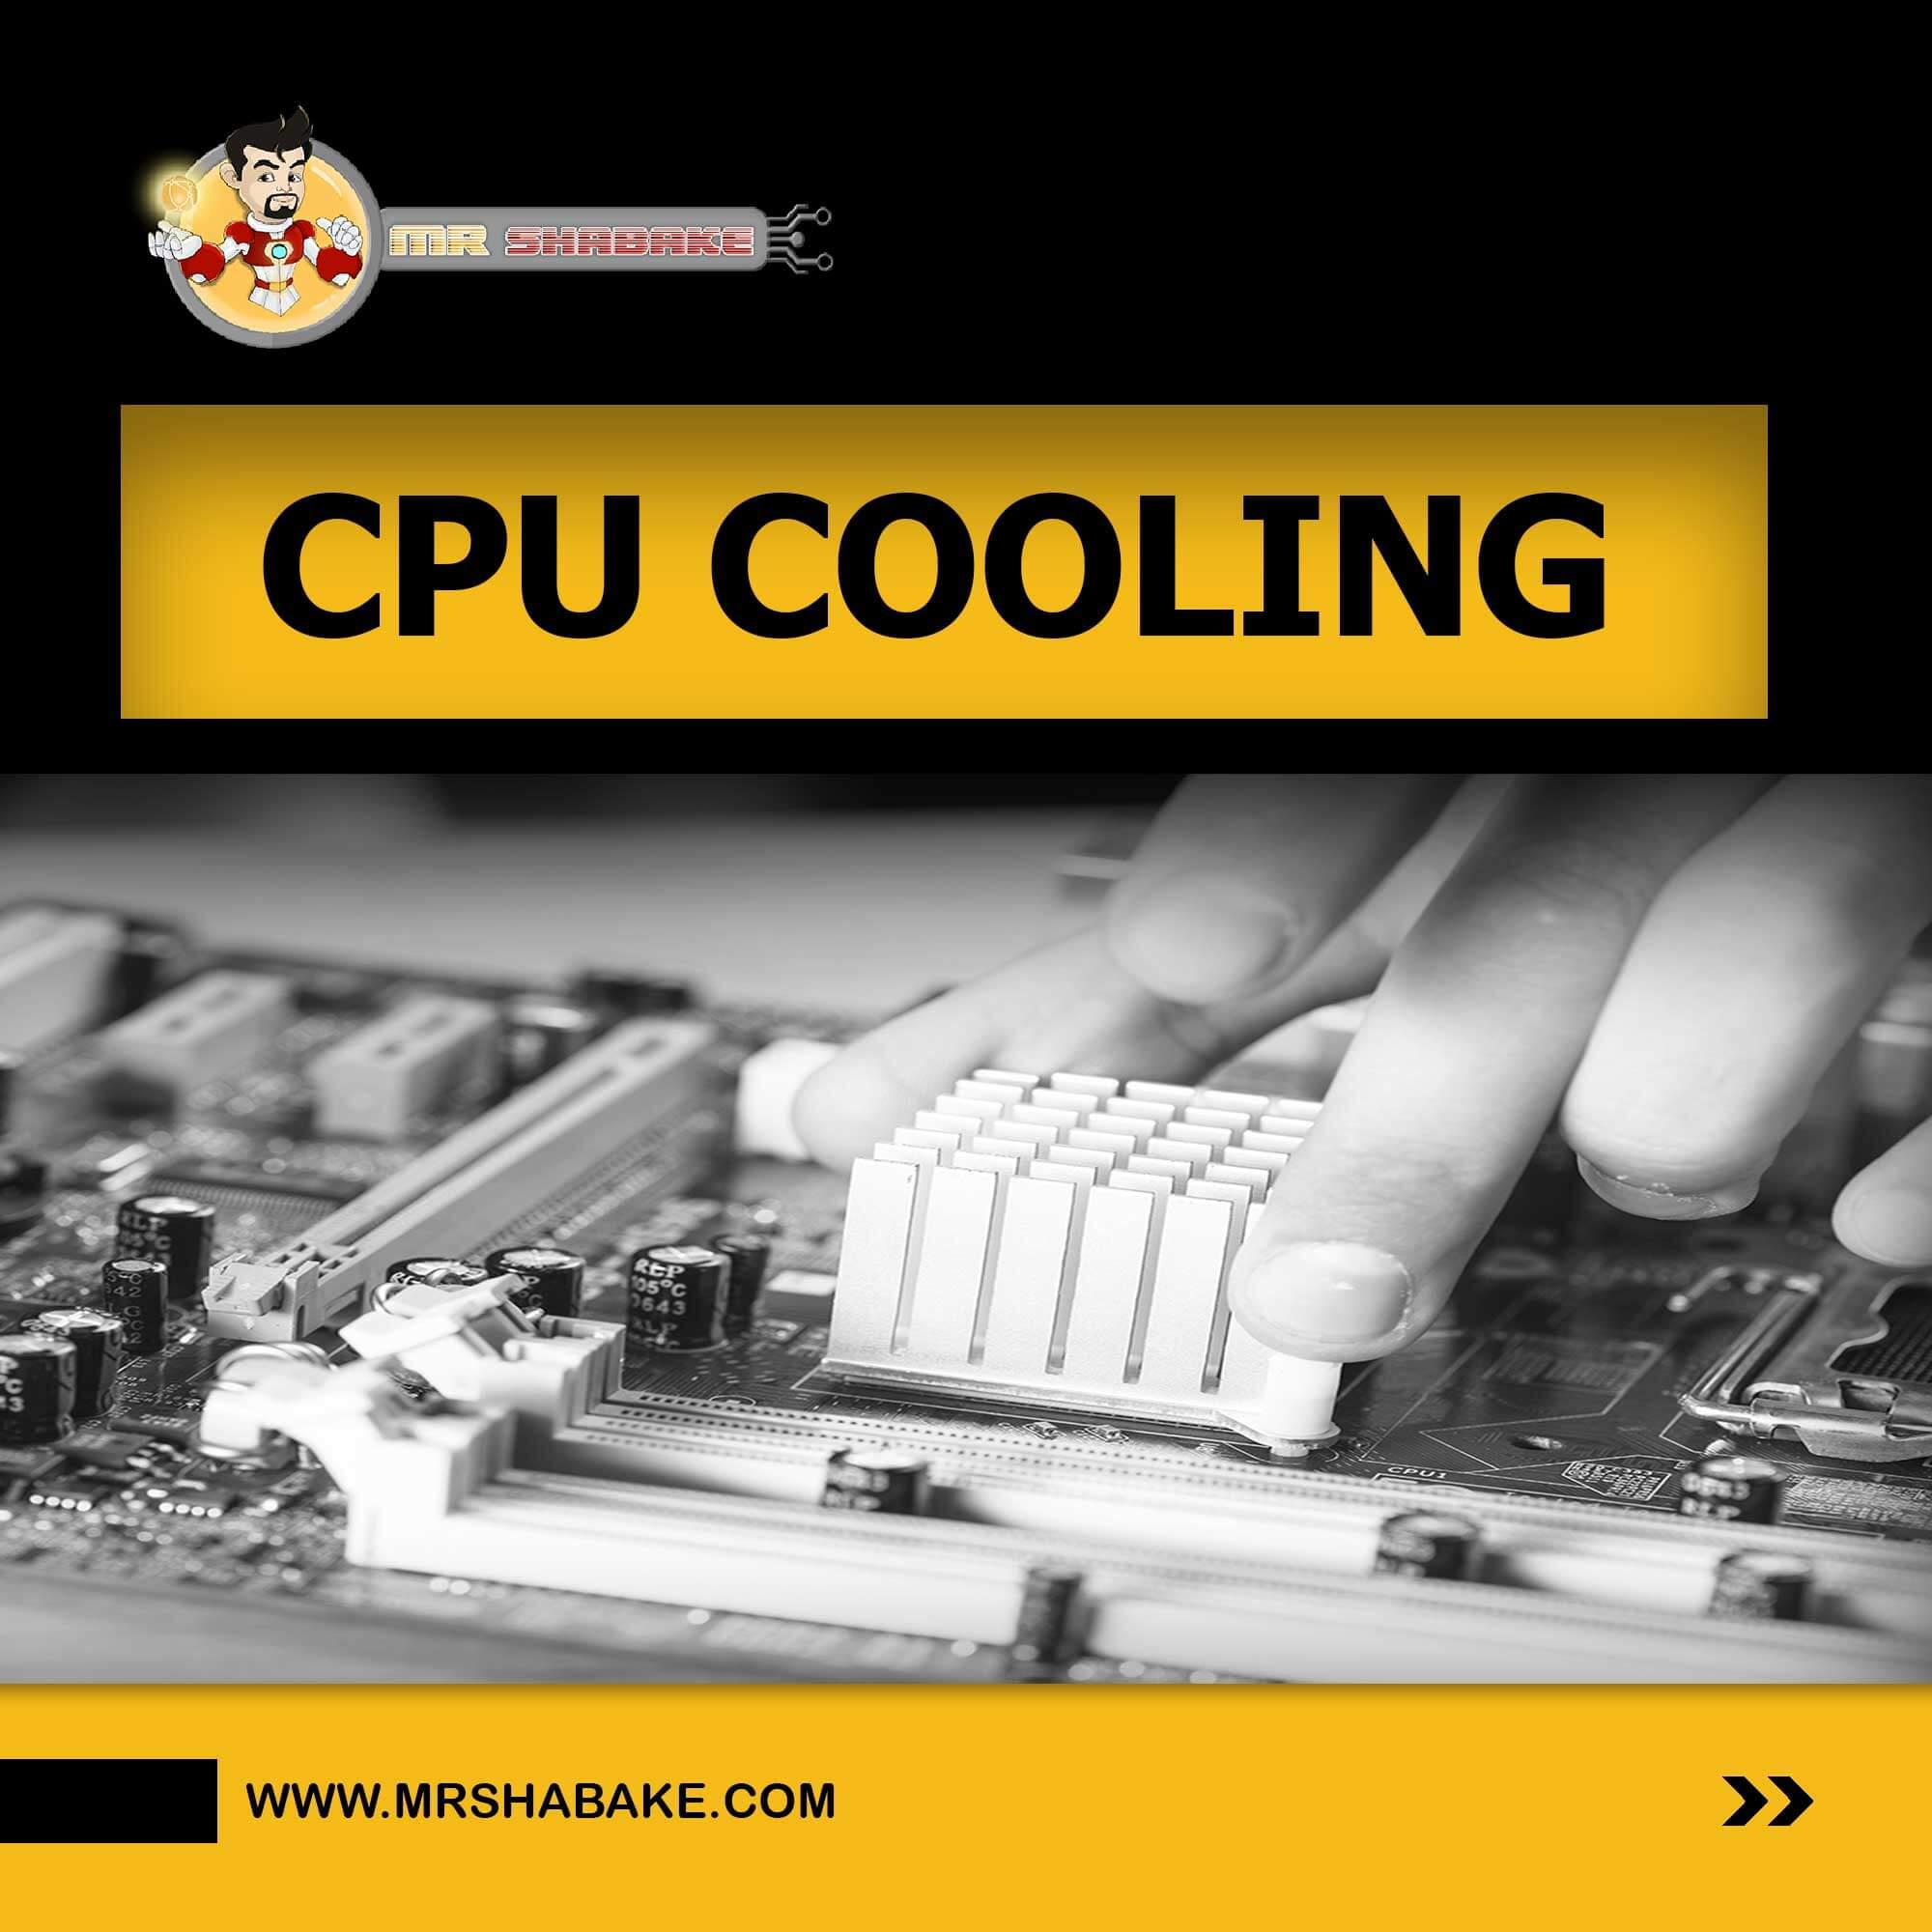 ویدئو نحوه خنک کردن CPU